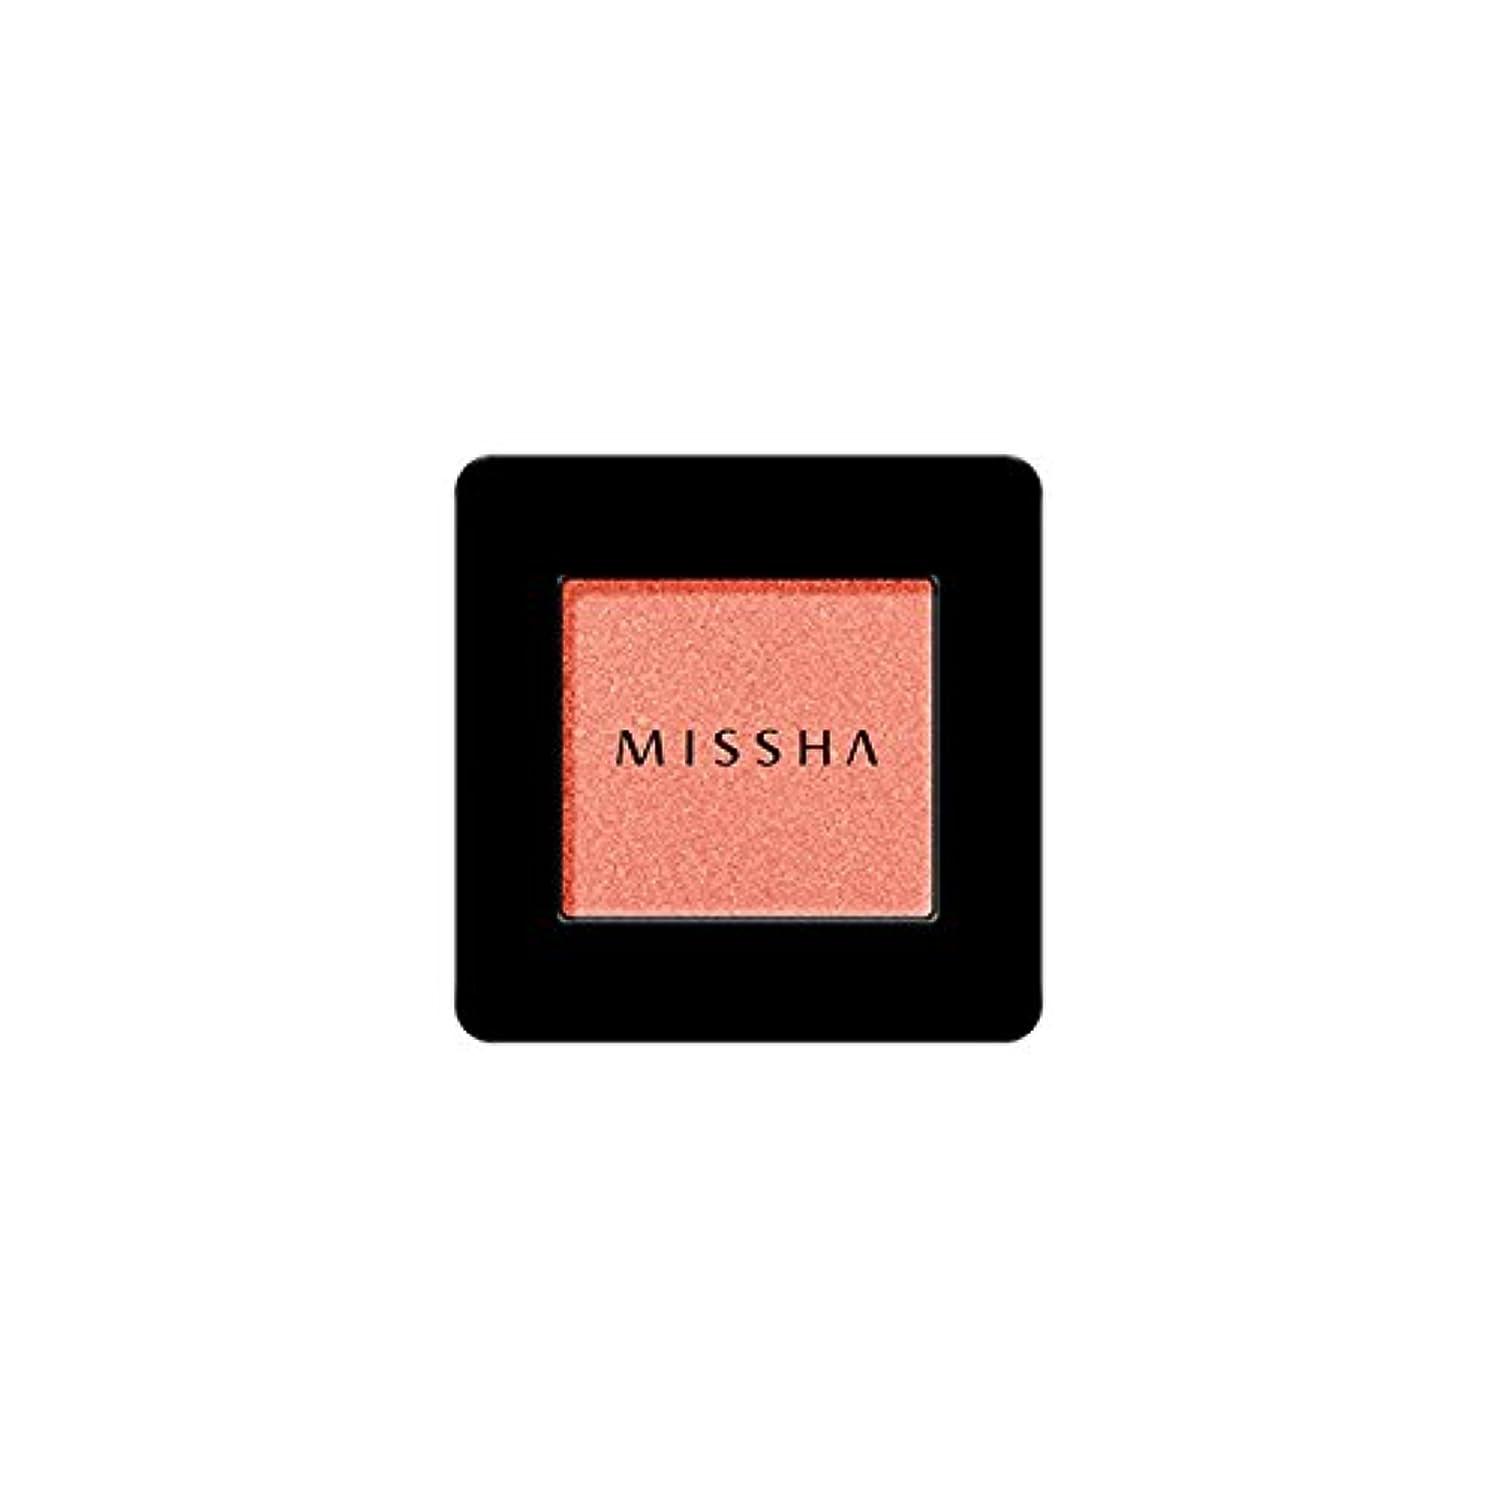 誰でも好意的お酒MISSHA Modern Shadow [SHIMMER] 1.8g (#SRD01 Catch Fire)/ミシャ モダン シャドウ [シマー] 1.8g (#SRD01 Catch Fire)